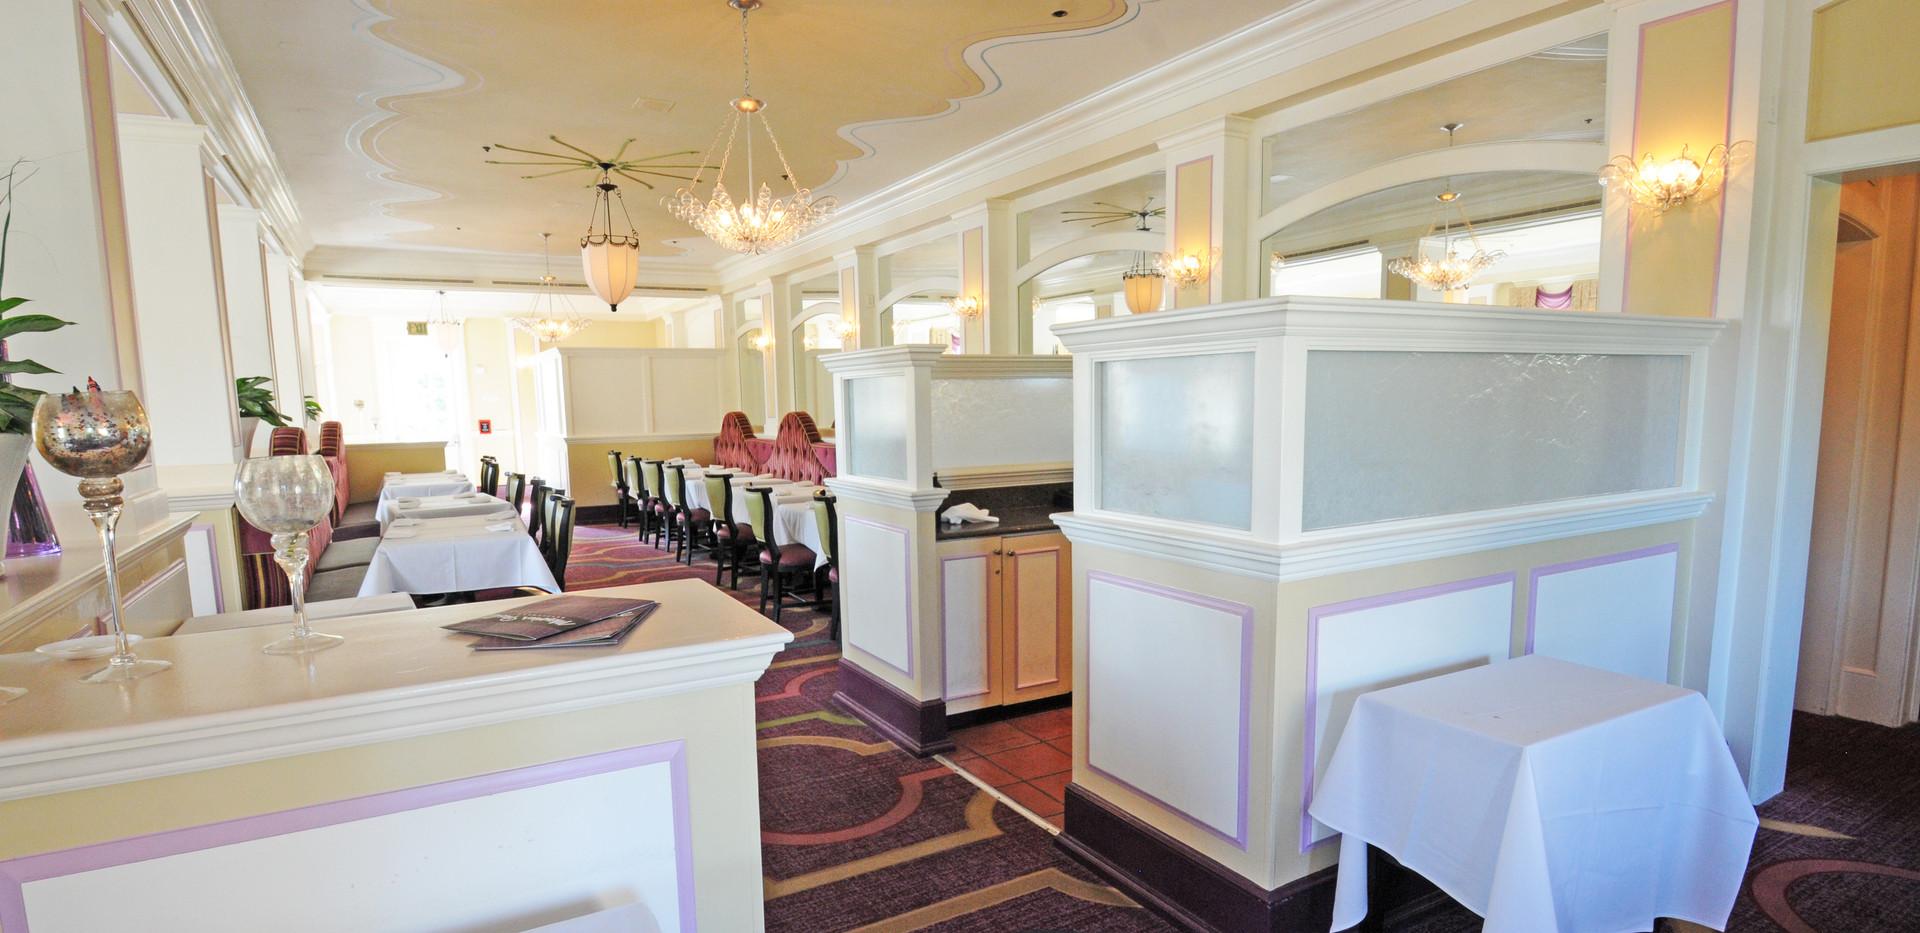 Monsieur Paul Dining Room